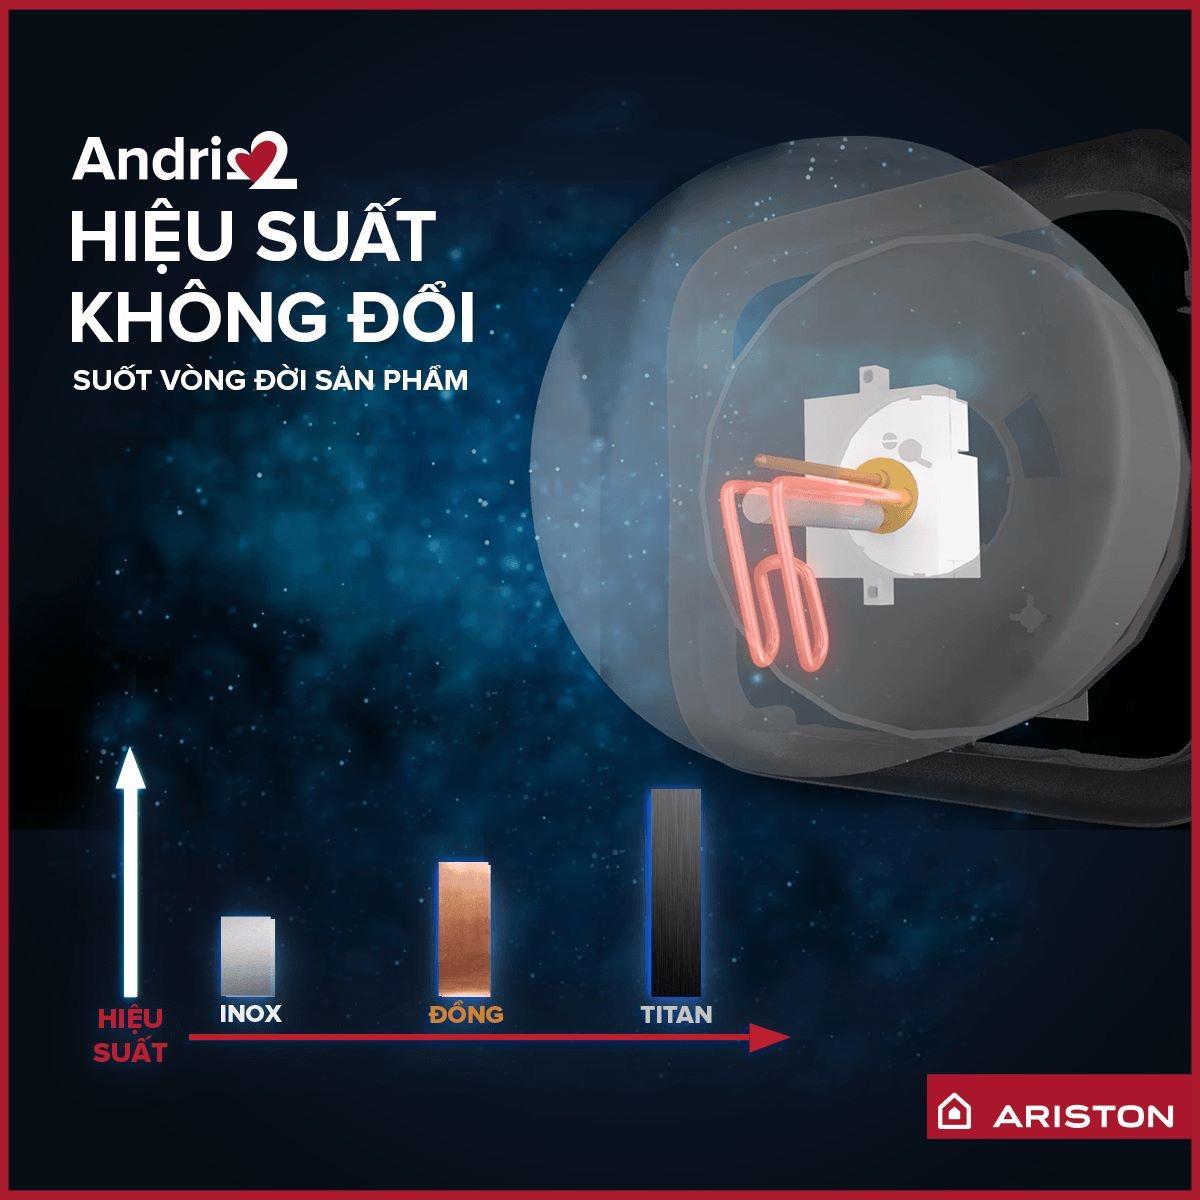 Bình nước nóng Ariston ANDRIS2 TOP 15L 2